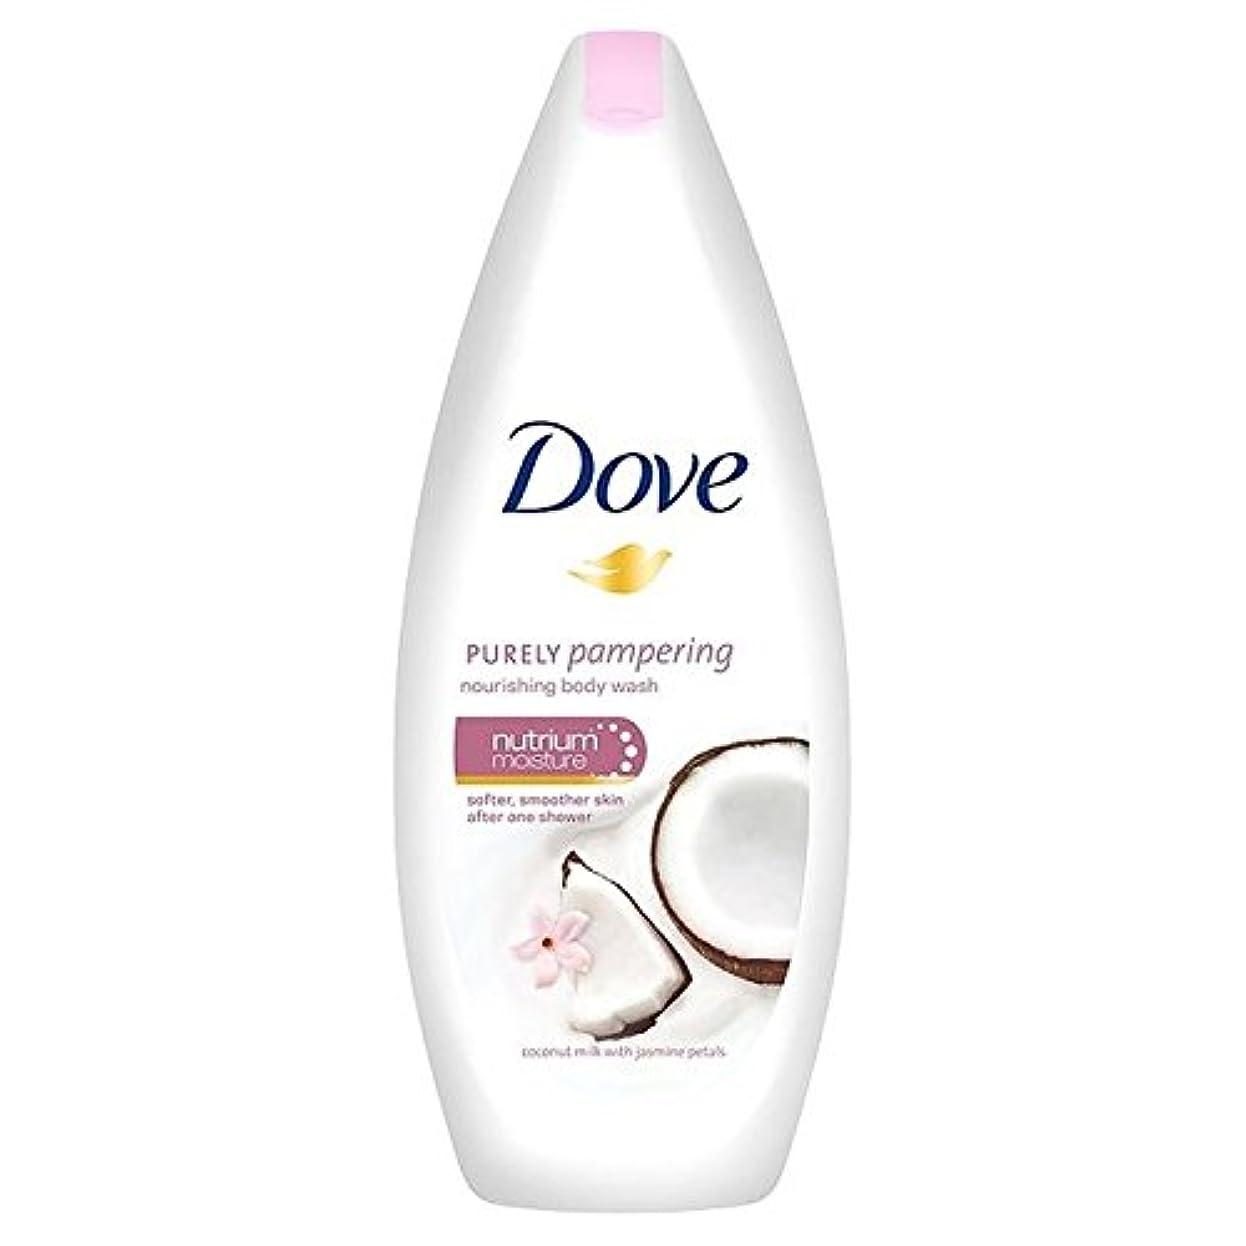 解任シーボードレパートリーDove Purely Pampering Coconut Body Wash 250ml (Pack of 6) - 鳩純粋に甘やかすココナッツボディウォッシュ250ミリリットル x6 [並行輸入品]